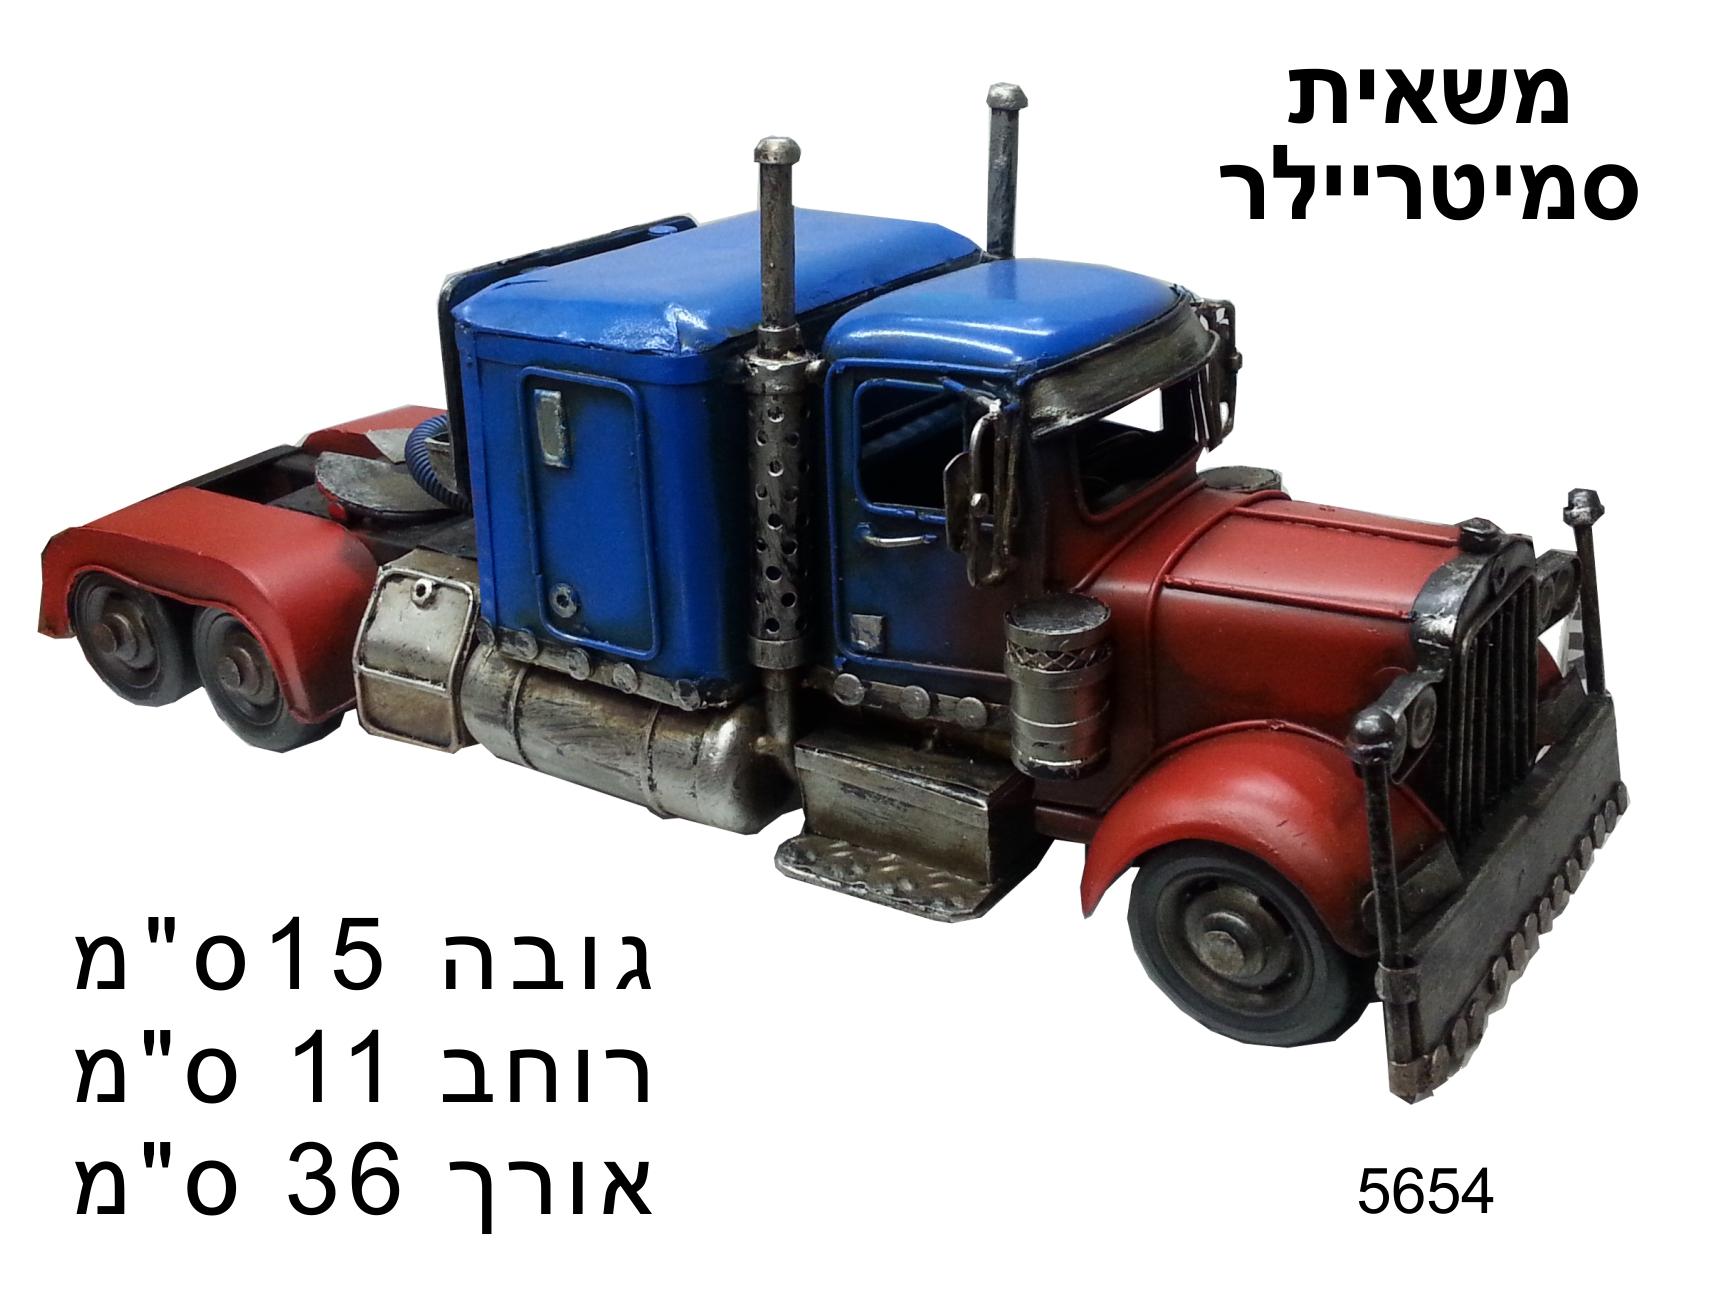 משאית סמיטריילר